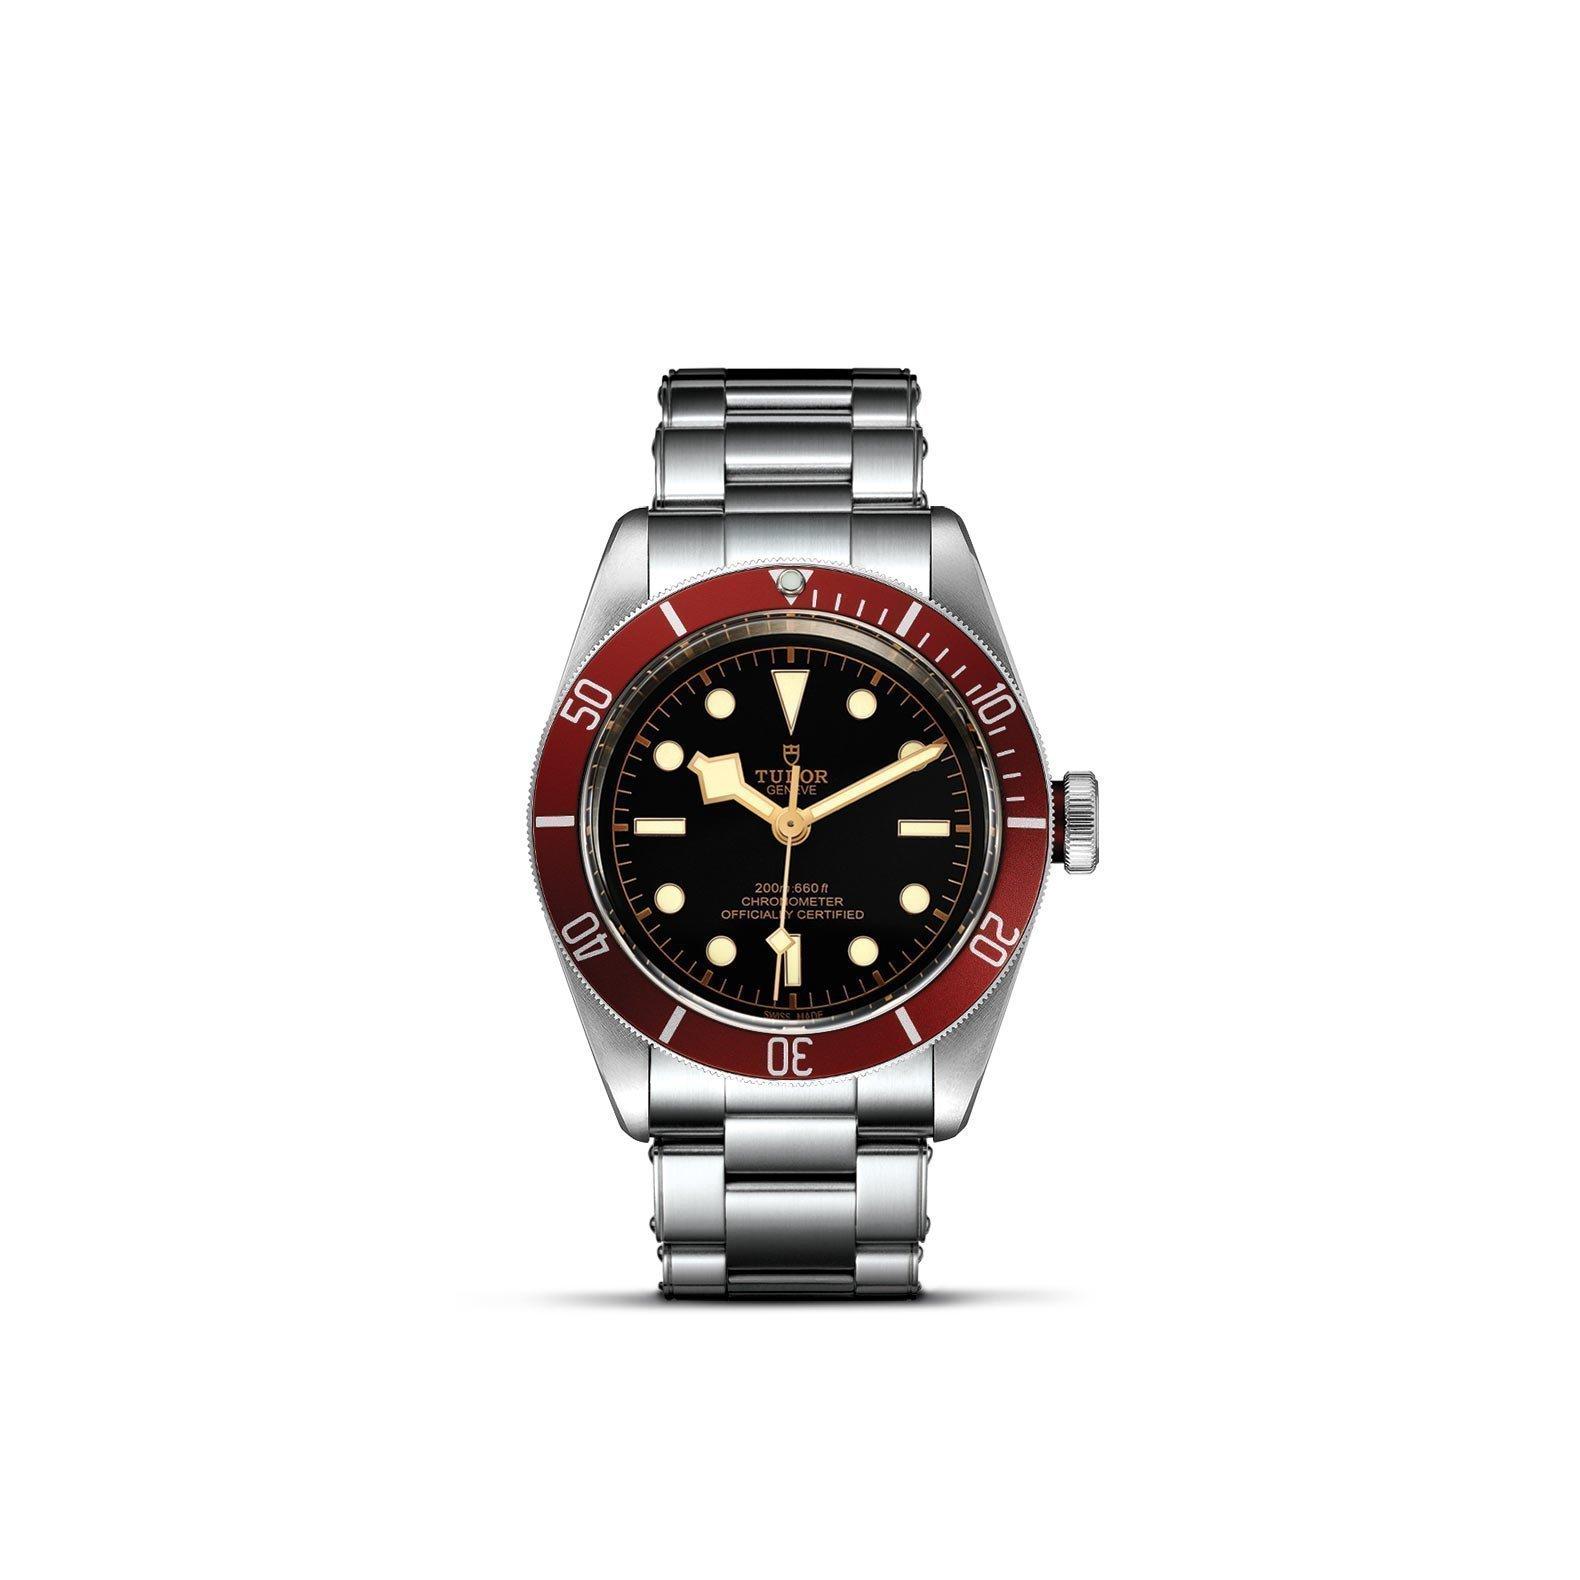 Montre TUDOR Black Bay boîtier en acier, 41mm, bracelet en acier riveté vue 1